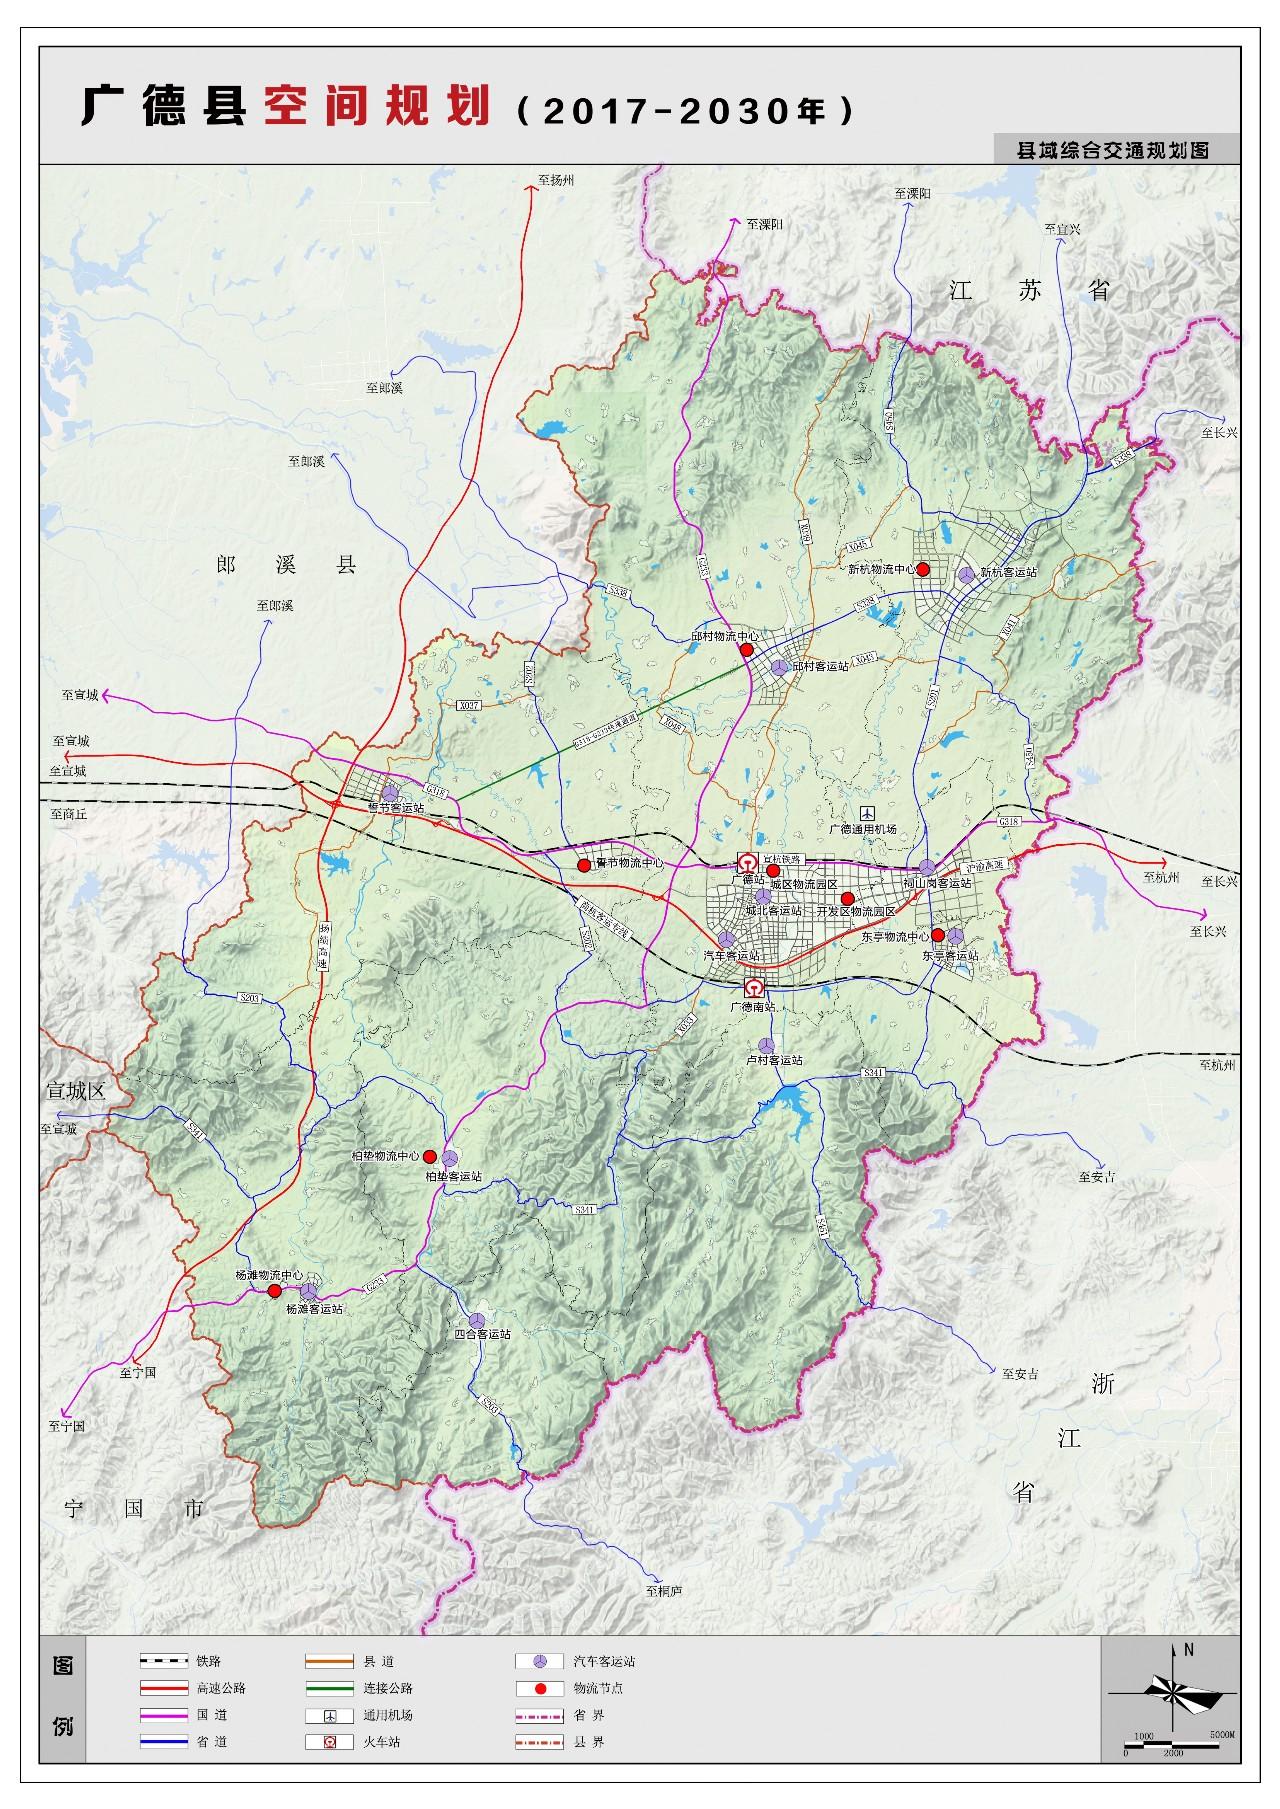 08-县域综合交通规划图.jpg